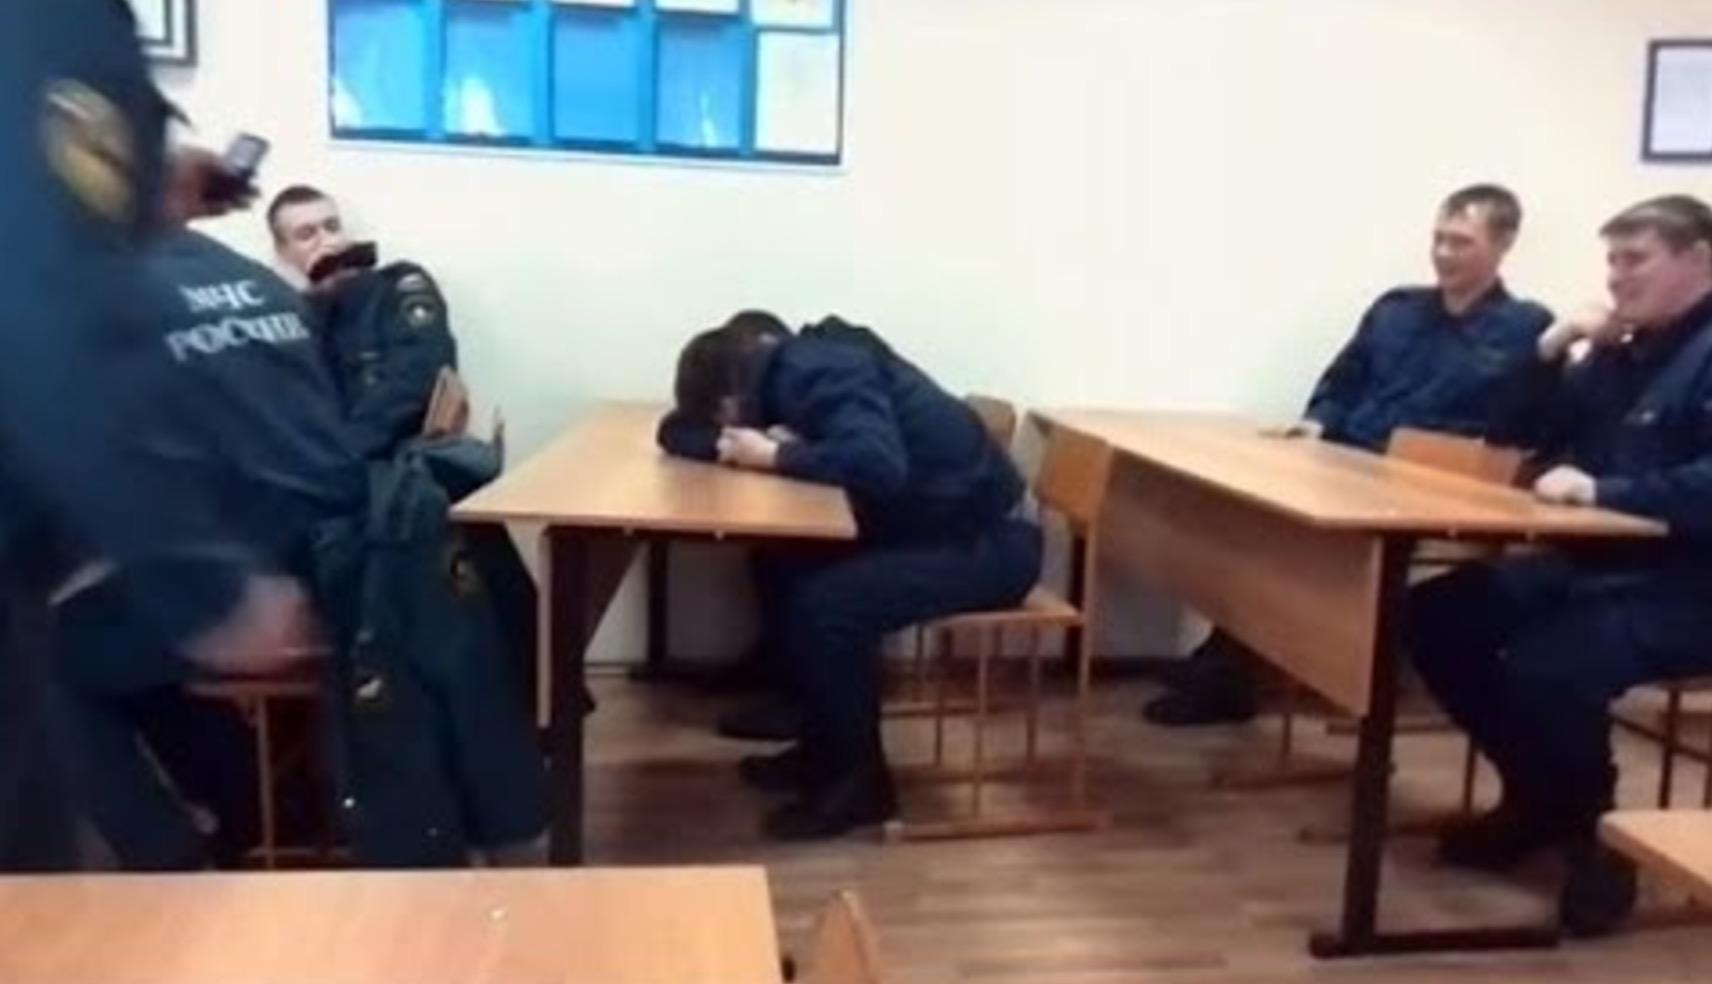 眠っていたのに瞬時に出動態勢に!消防士にドッキリした結果、さすがの反応に感動!